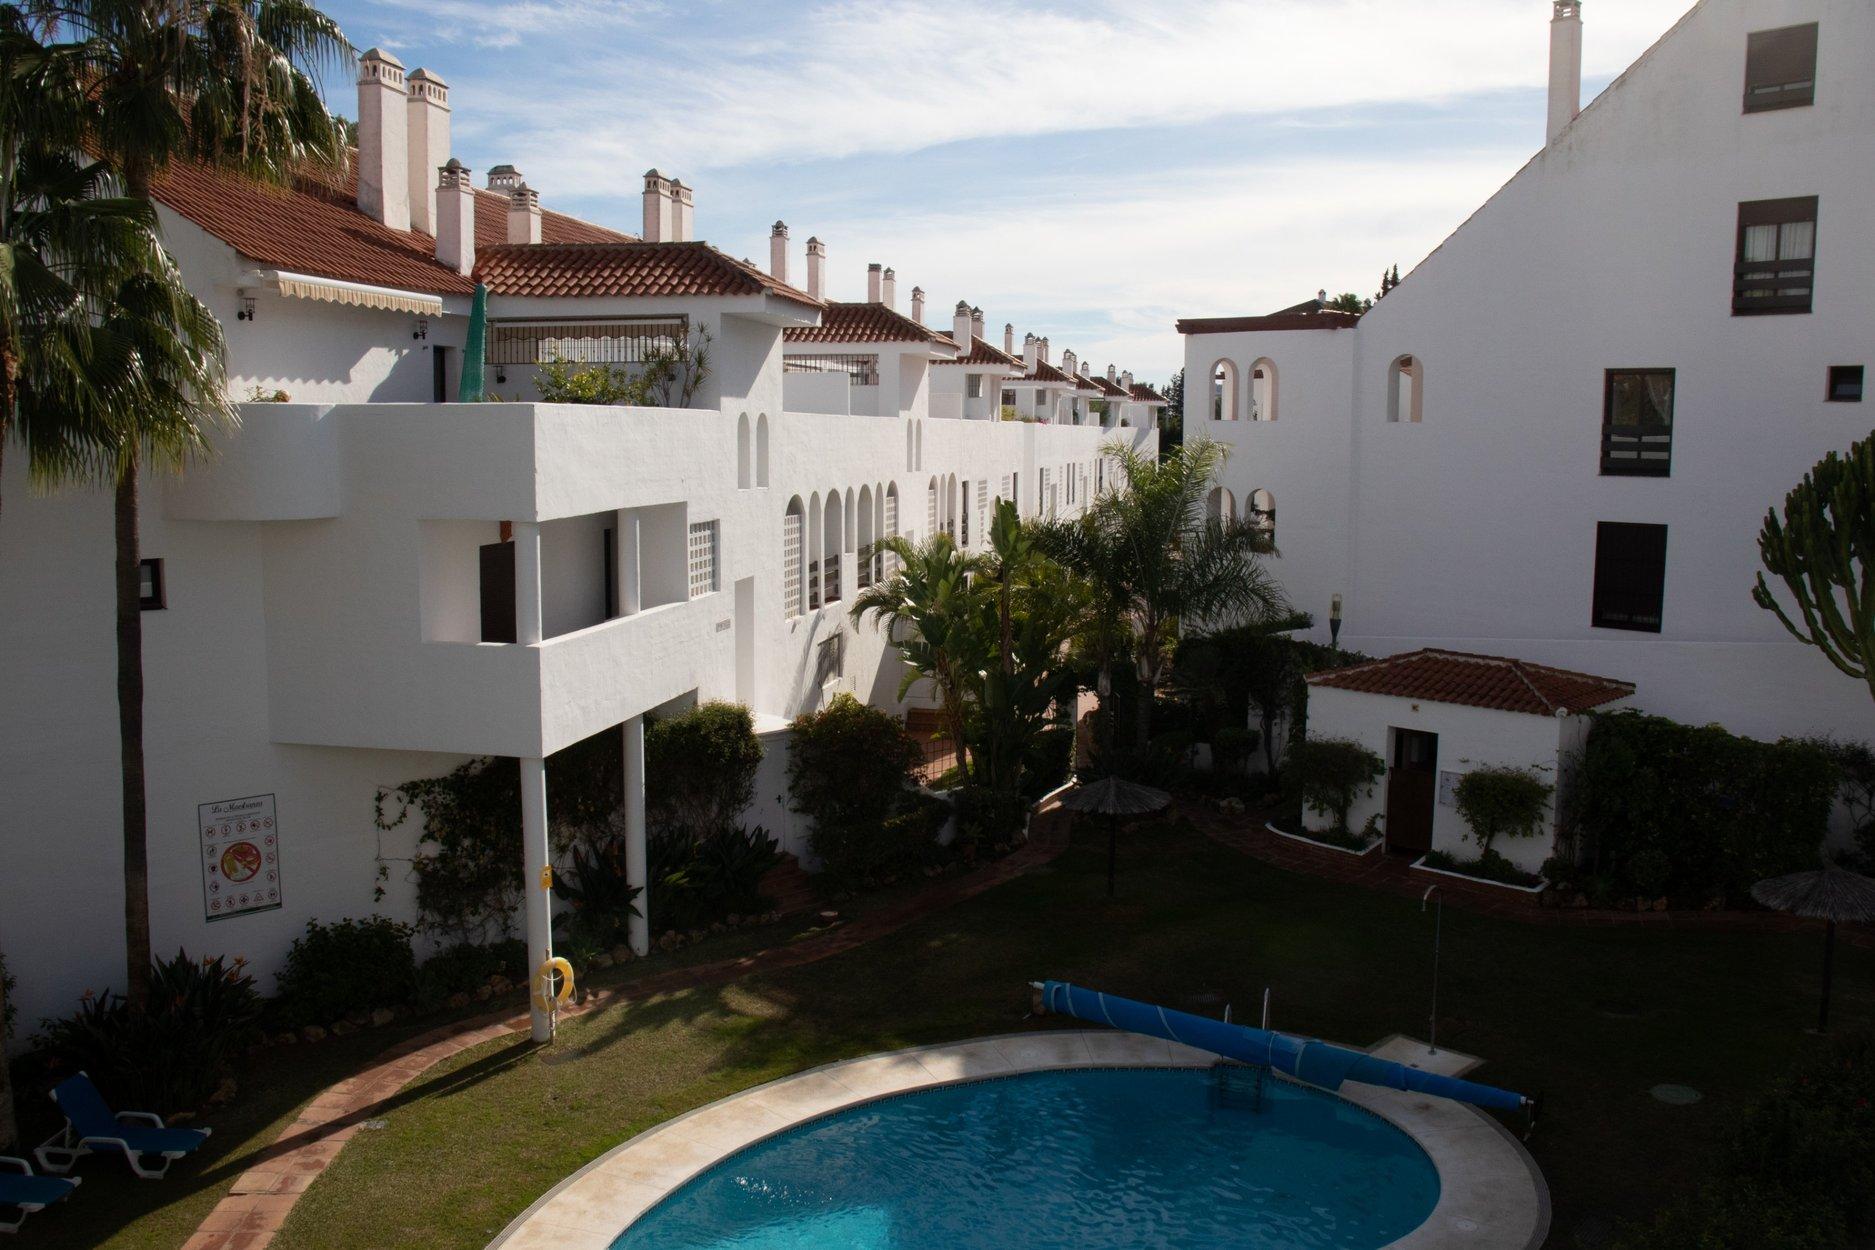 Apartment for sale in Marbella, La Maestranza